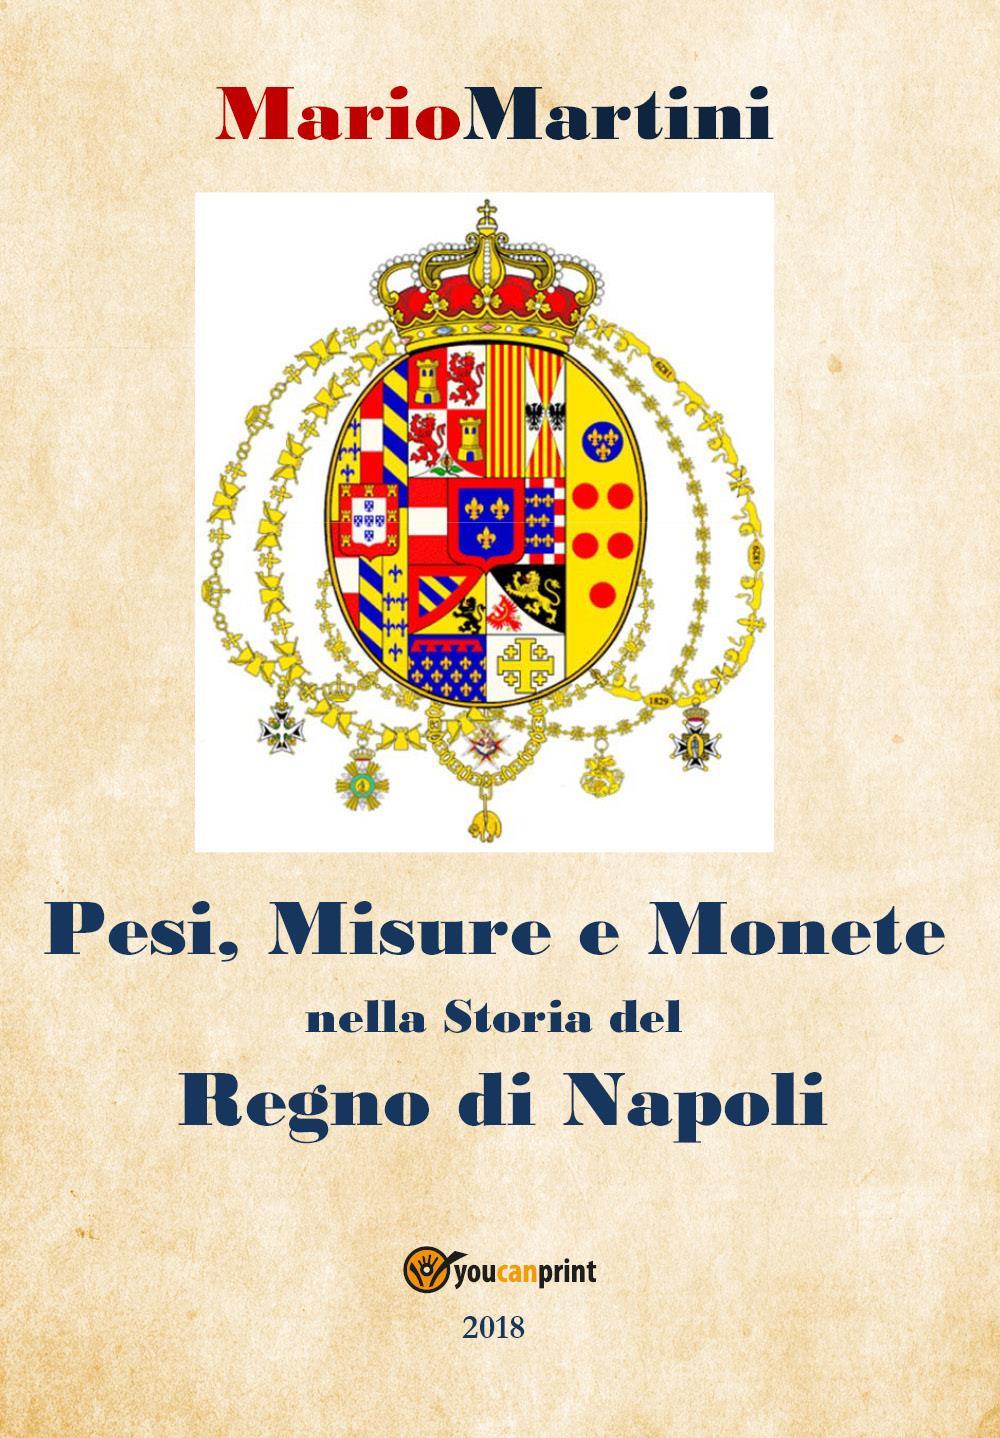 Pesi misure e monete nella storia del Regno di Napoli